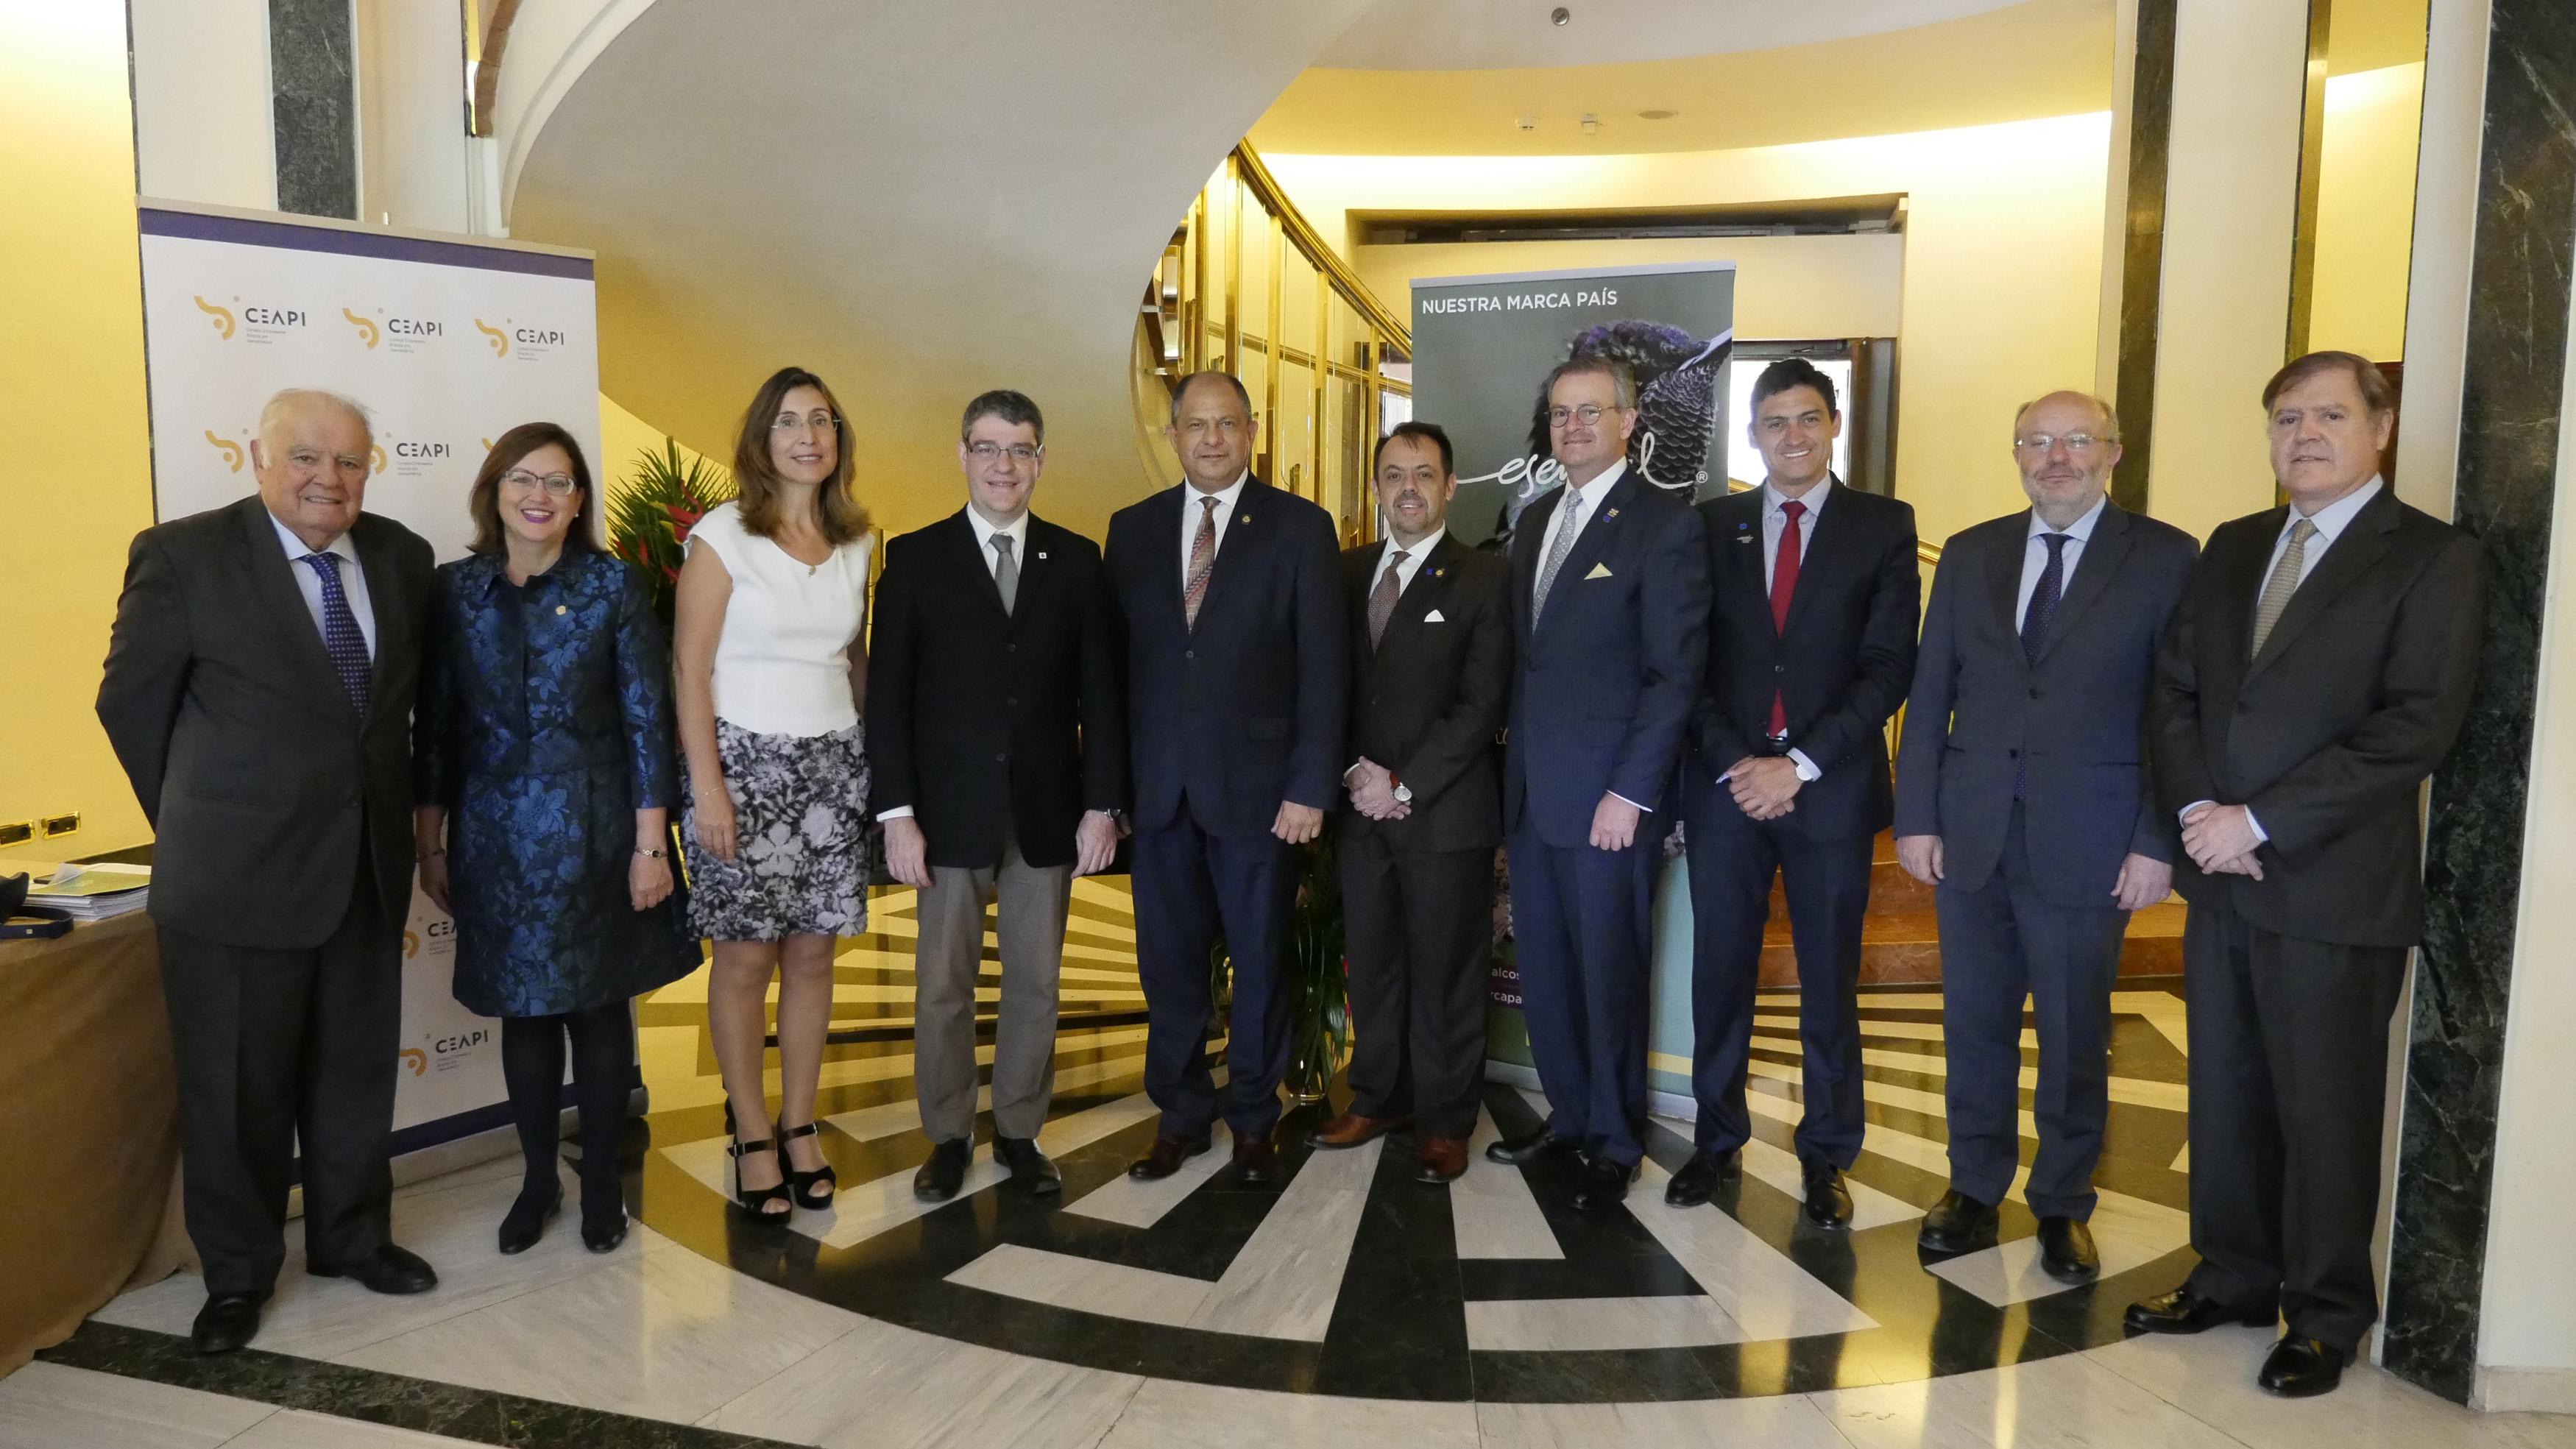 El presidente de Costa Rica, Luis Guillermo Solís, acompaña a los socios de CEAPI en un almuerzo empresarial